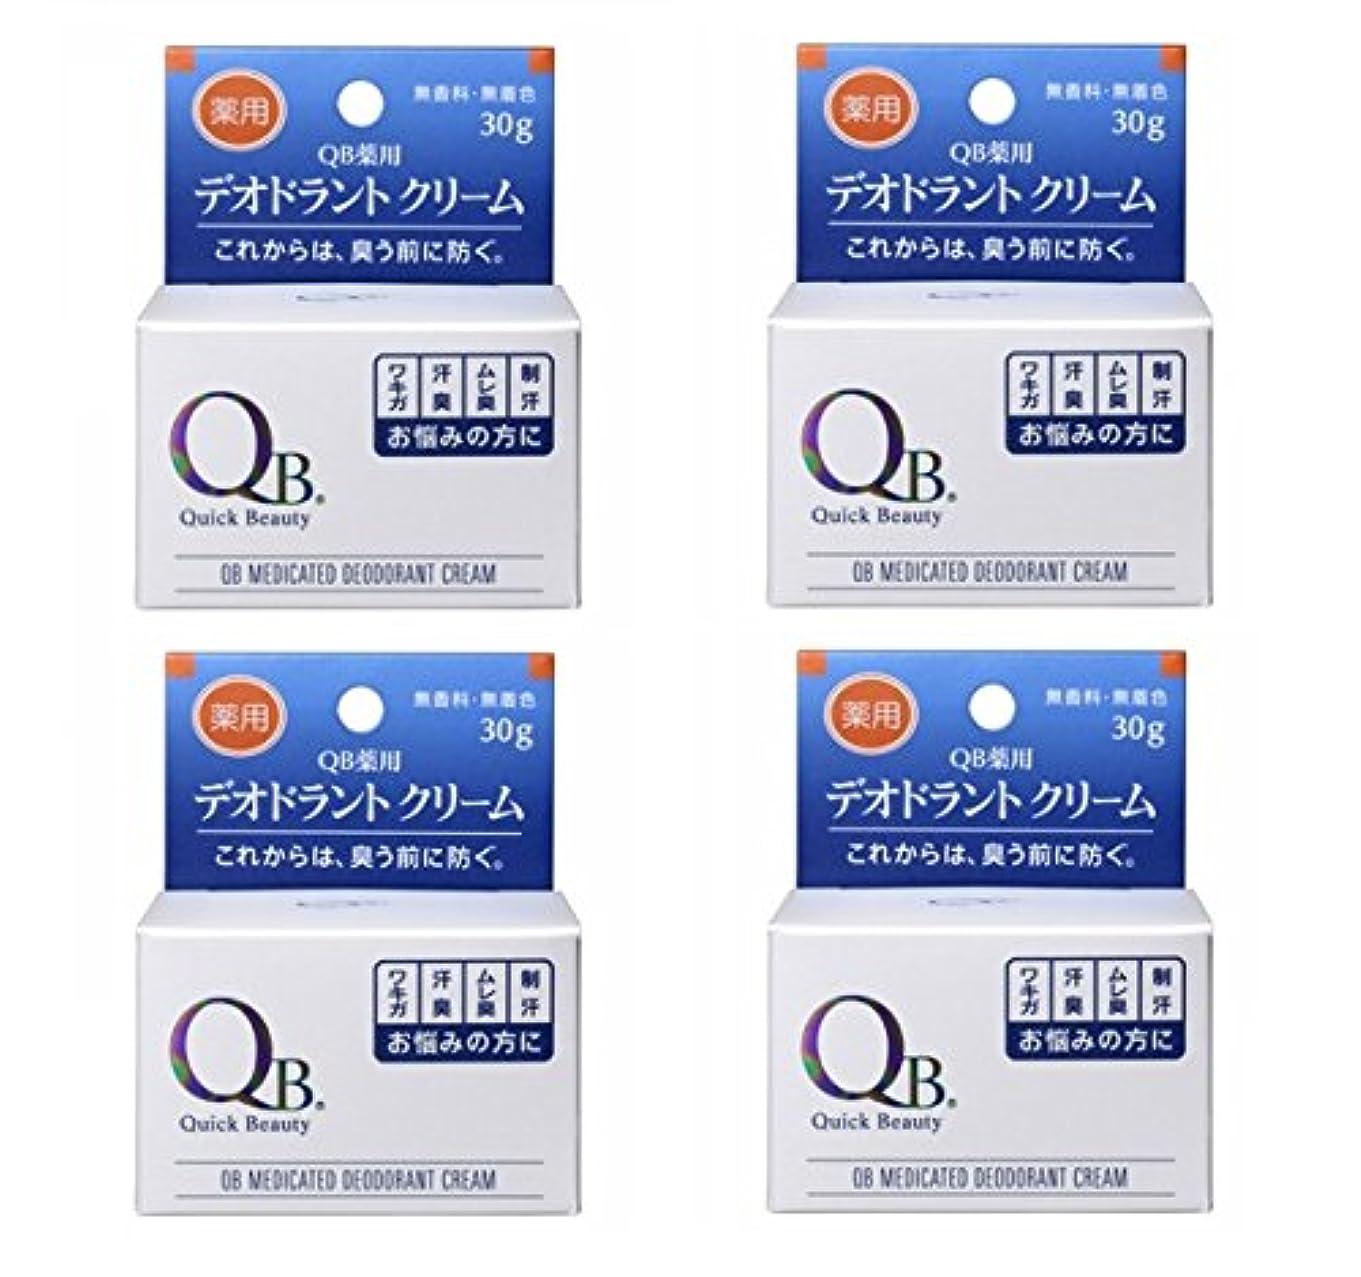 一目バウンドオーバーフロー【×4個】 QB 薬用デオドラントクリーム 30g 【国内正規品】